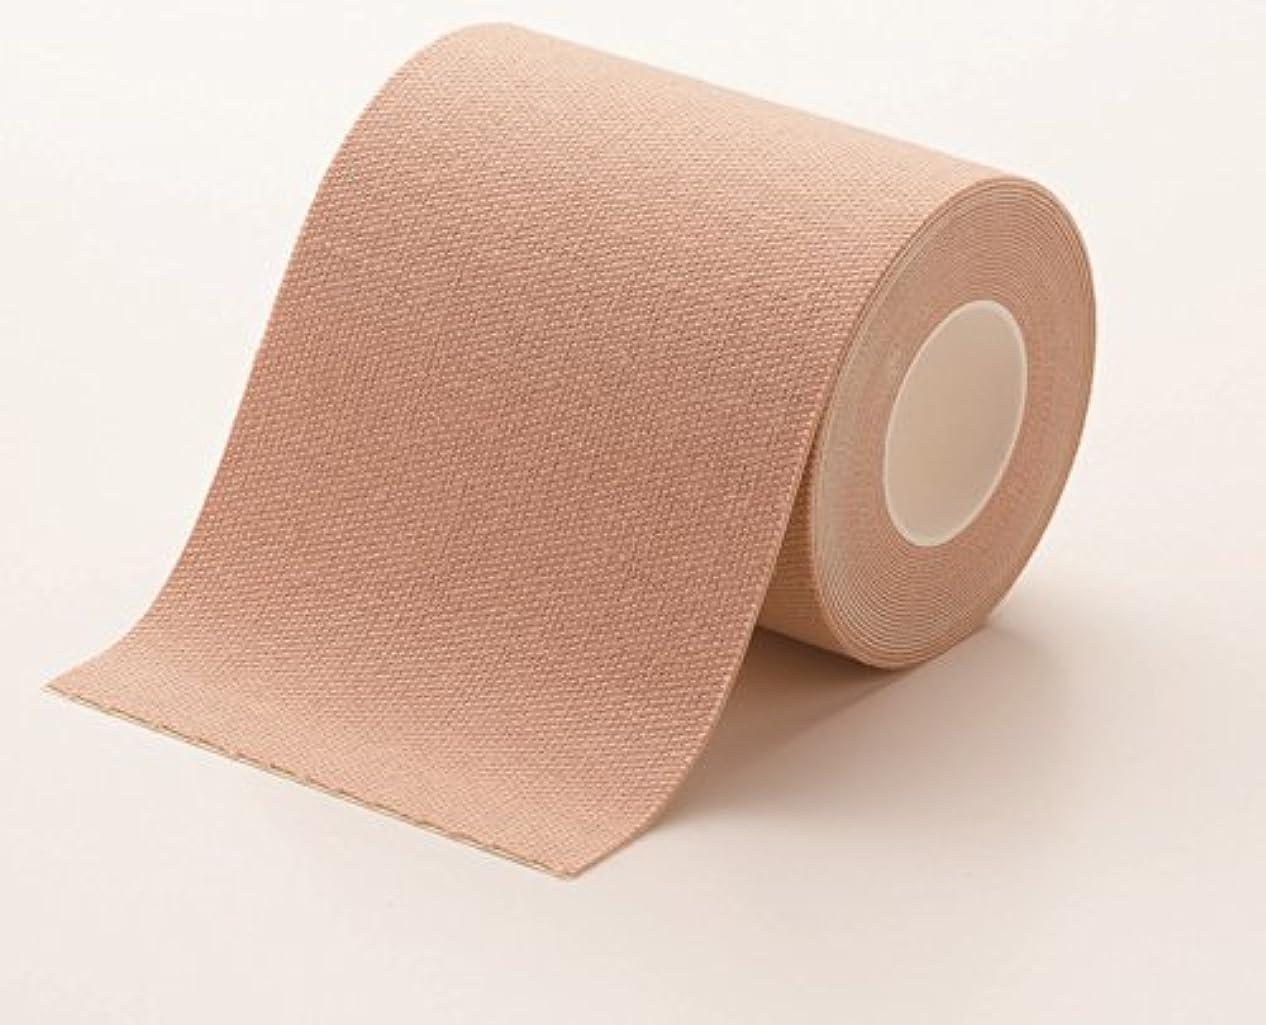 ガムフレームワークゆでる汗かきさんの直貼りワイド汗取りシート5個組 (ヒアルロン酸配合?抗菌加工)